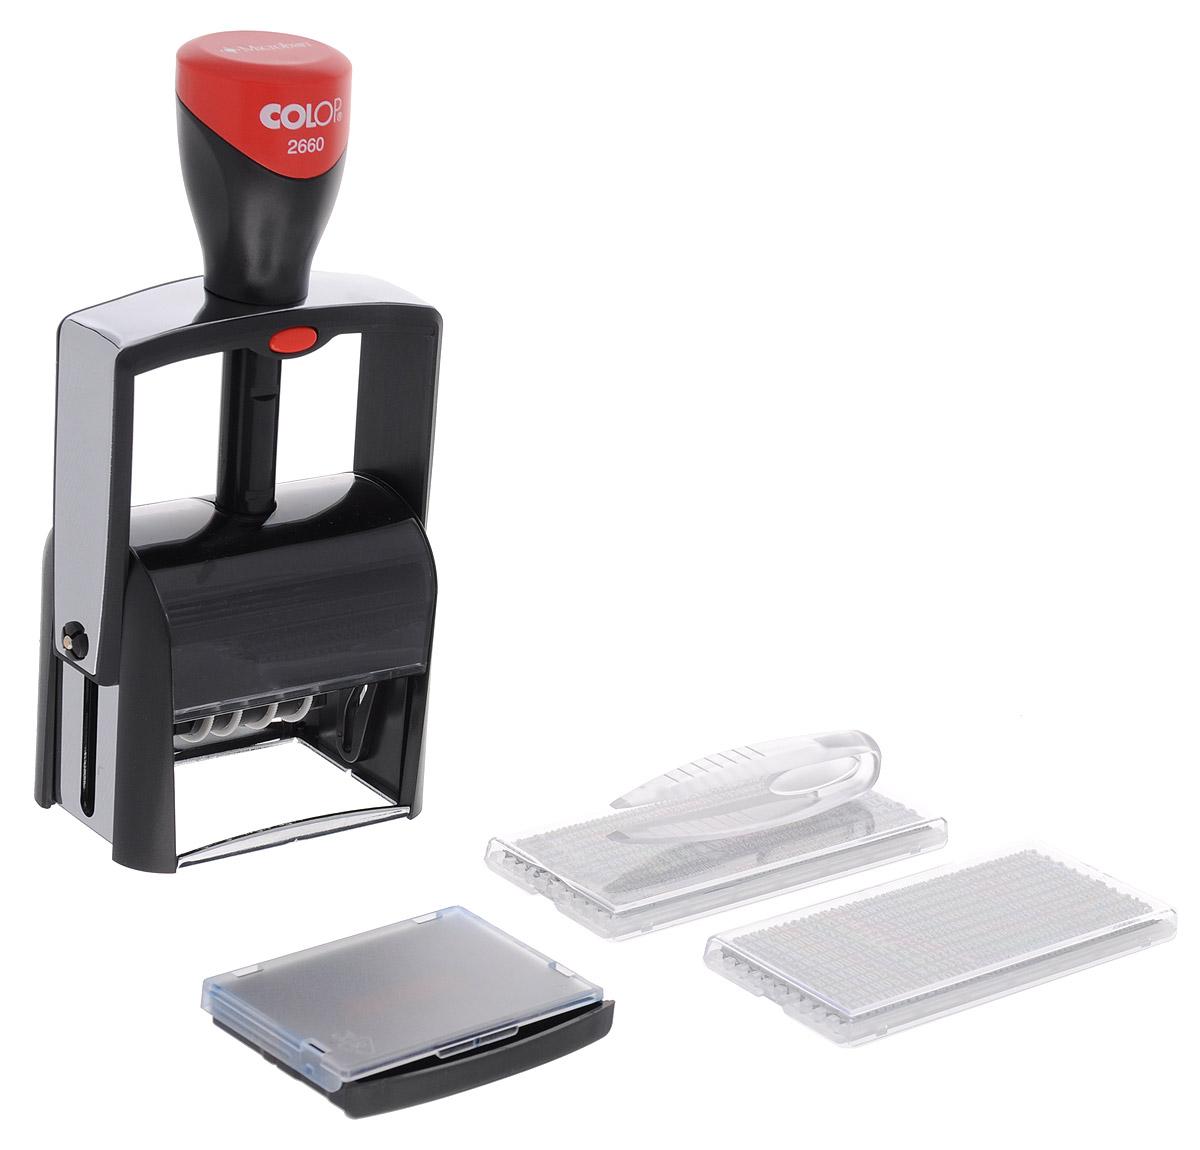 Colop Датер самонаборный S 2660 Set-FS2660 Set-FДатер имеет металлический каркас, обрамленный пластиком.Автоматическое окрашивание текста. Встроенная антибактериальная защита на основе 3G-серебра в ручке и колпачке. Изделие предназначено для работы с повышенной нагрузкой. Мягкость и бесшумность хода, легкий доступ к колесам смены даты.Ленты датерных механизмов закрыты специальным кожухом, который гарантирует абсолютную чистоту в процессе использования. Рифленая пластина для набора текста расположена вокруг даты, дата 4 мм - находится в центре.Датер рассчитан на 12 лет, включая текущий год. В комплекте: датер с рифленой пластиной, пинцет, две кассы букв Type Set A и B, двухцветная сменная подушка, рамка. Месяц указан буквами. Крепление символов на одной ножке, экспресс-набор текста.